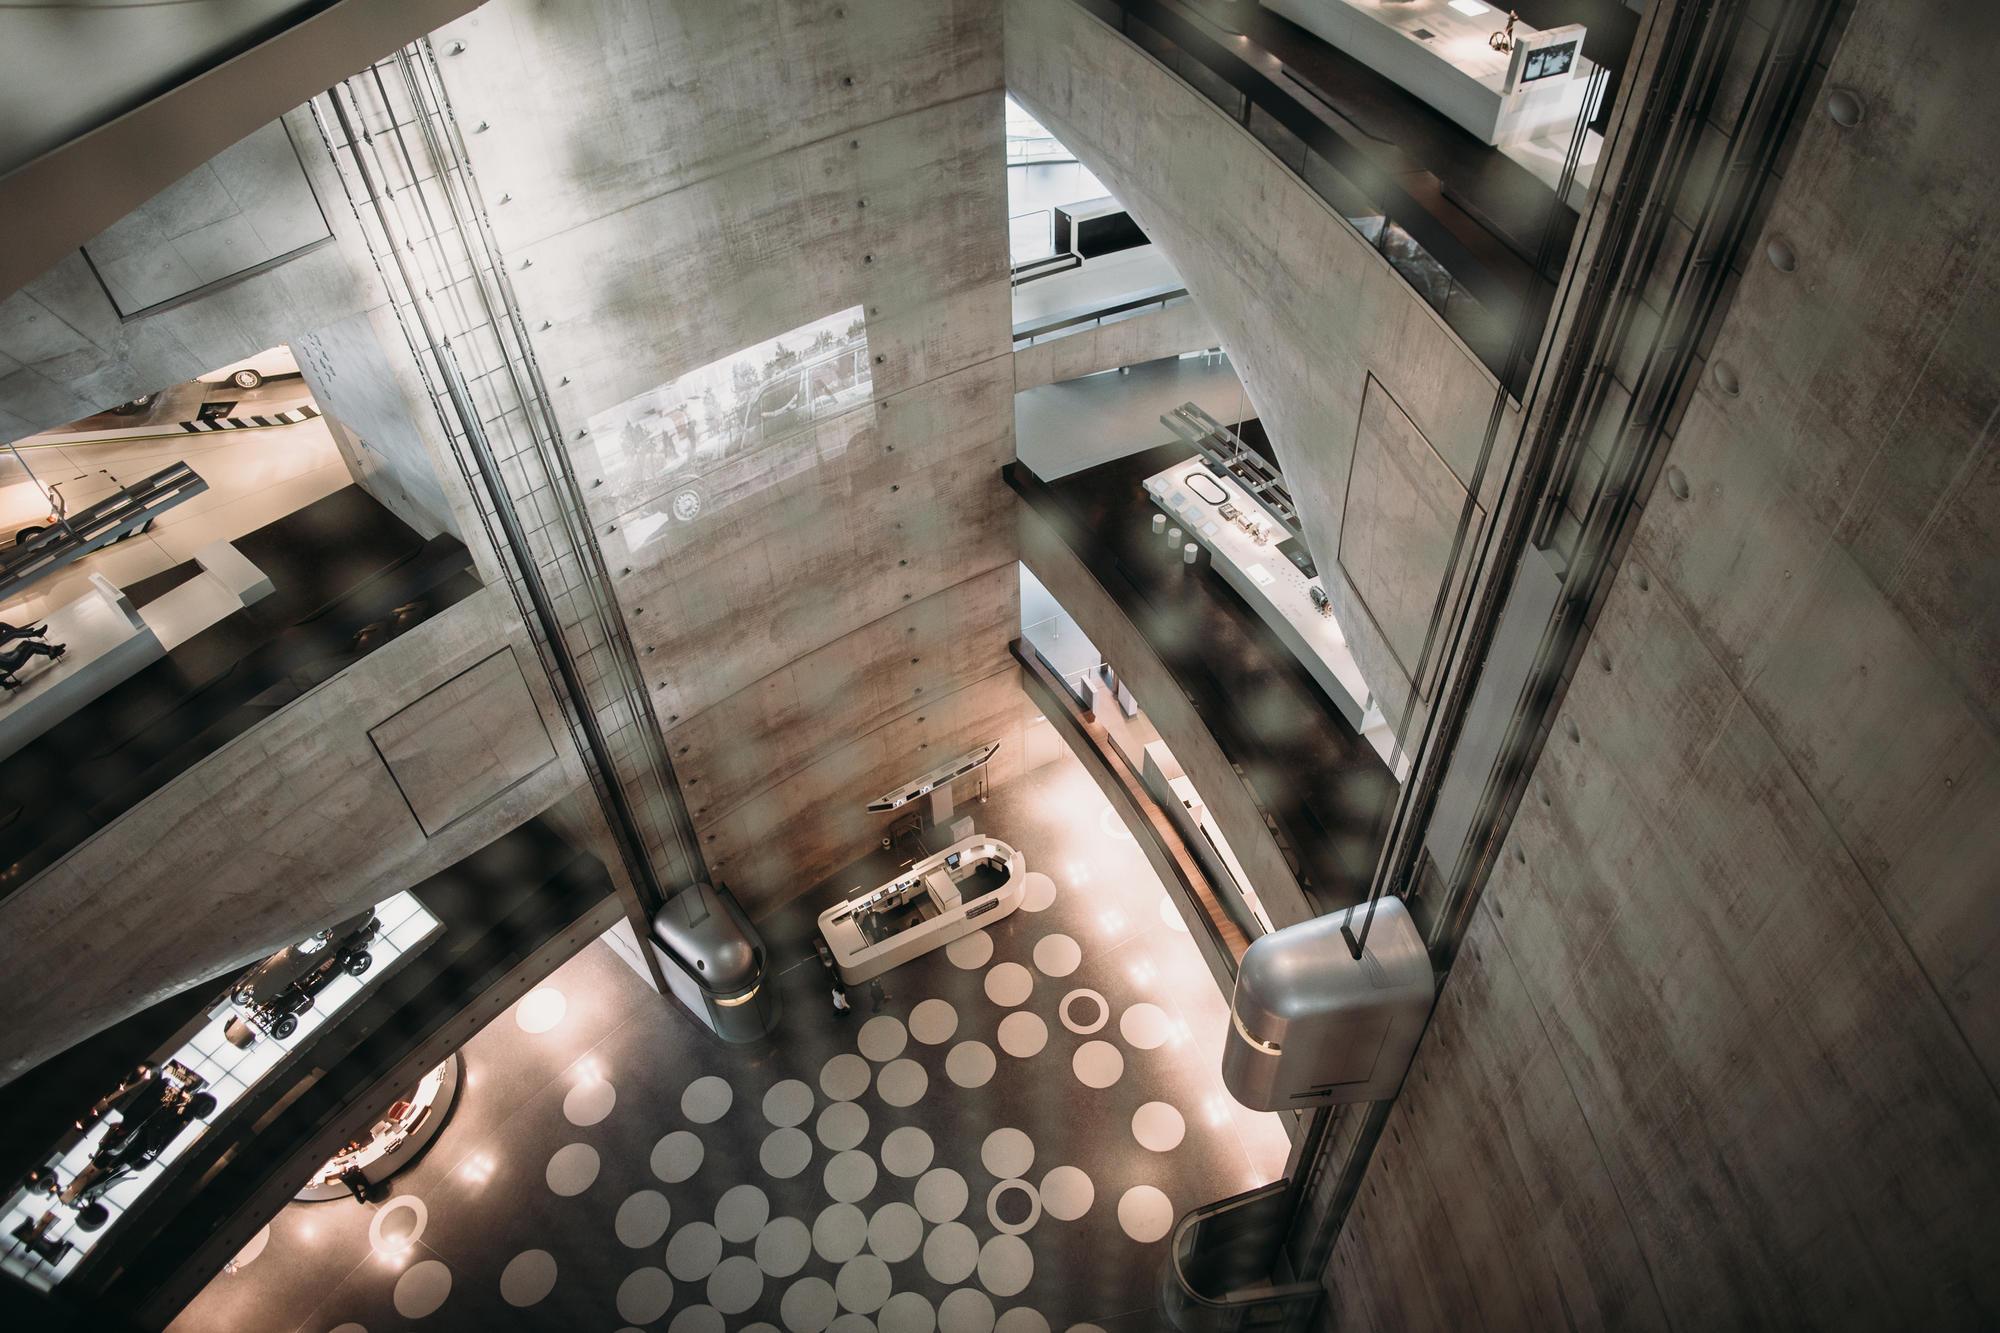 Mercedes Benz Museum Unstudio Engineering The Void